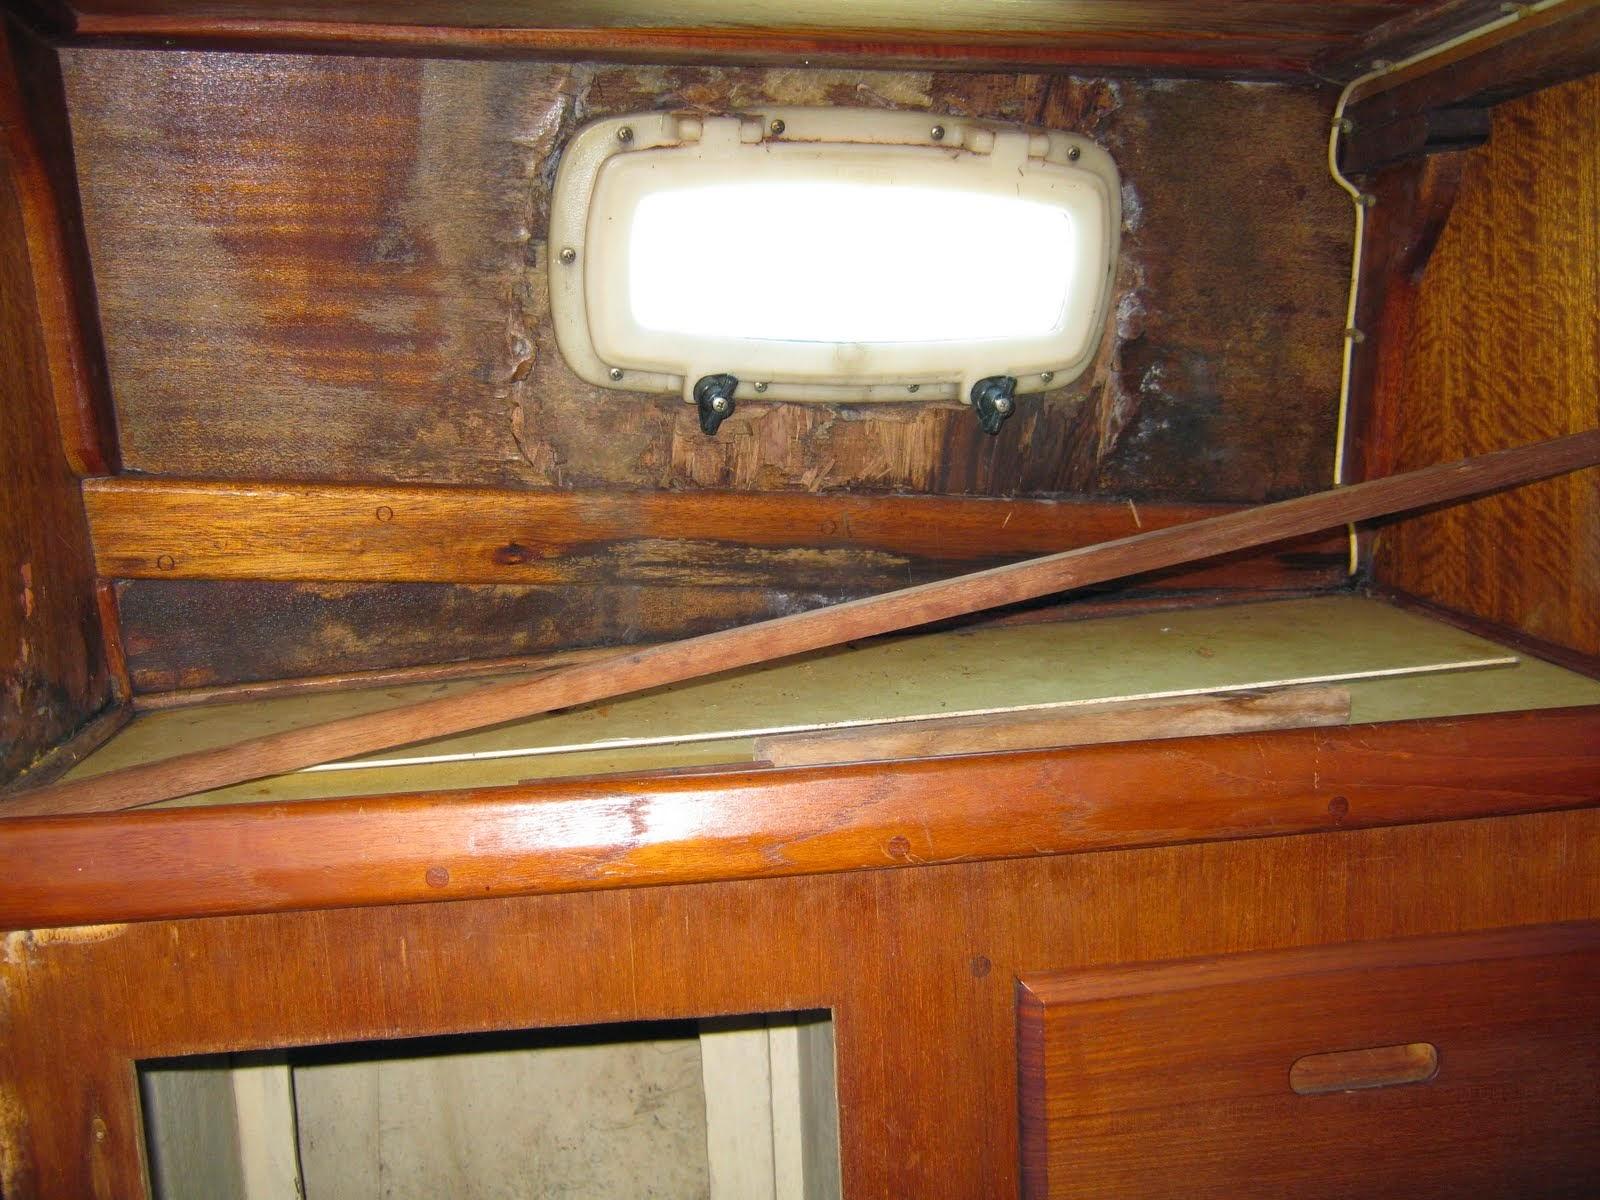 pax dei westsail 32 bienvenue bord welcome aboard une id e de l 39 tat de l 39 int rieur. Black Bedroom Furniture Sets. Home Design Ideas